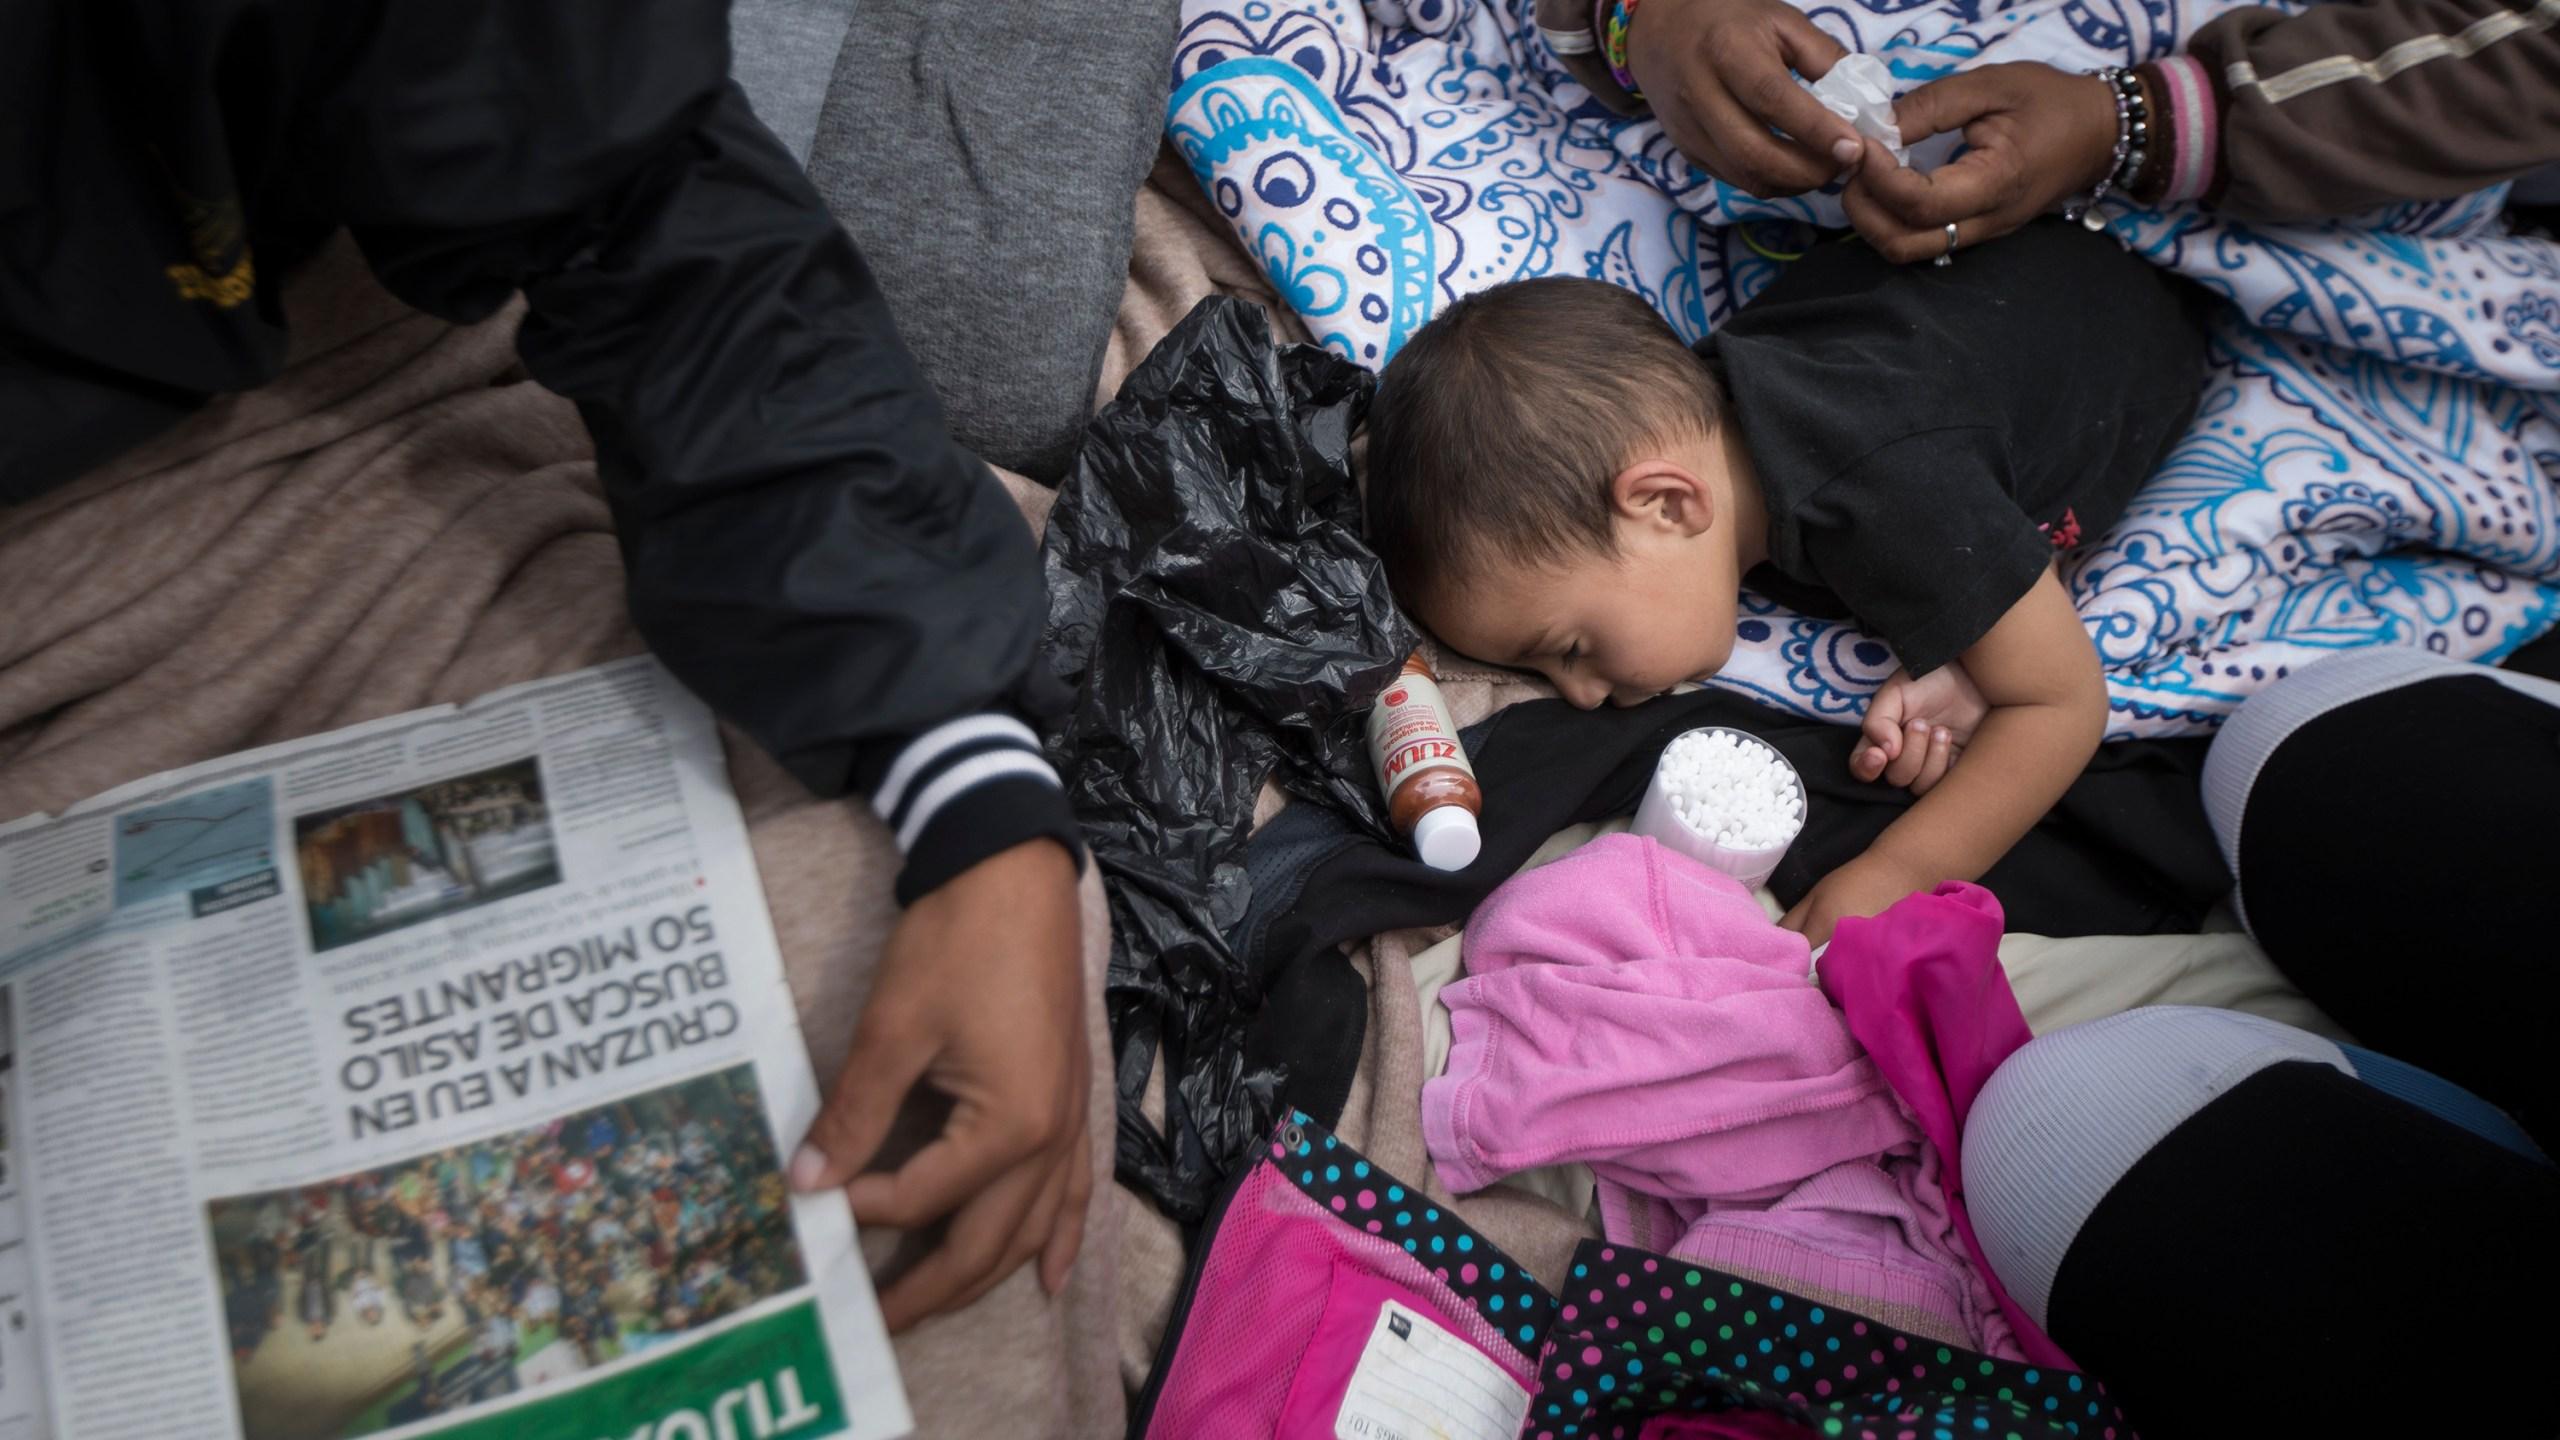 Mexico_Migrants_Caravan_73848-159532.jpg98248613